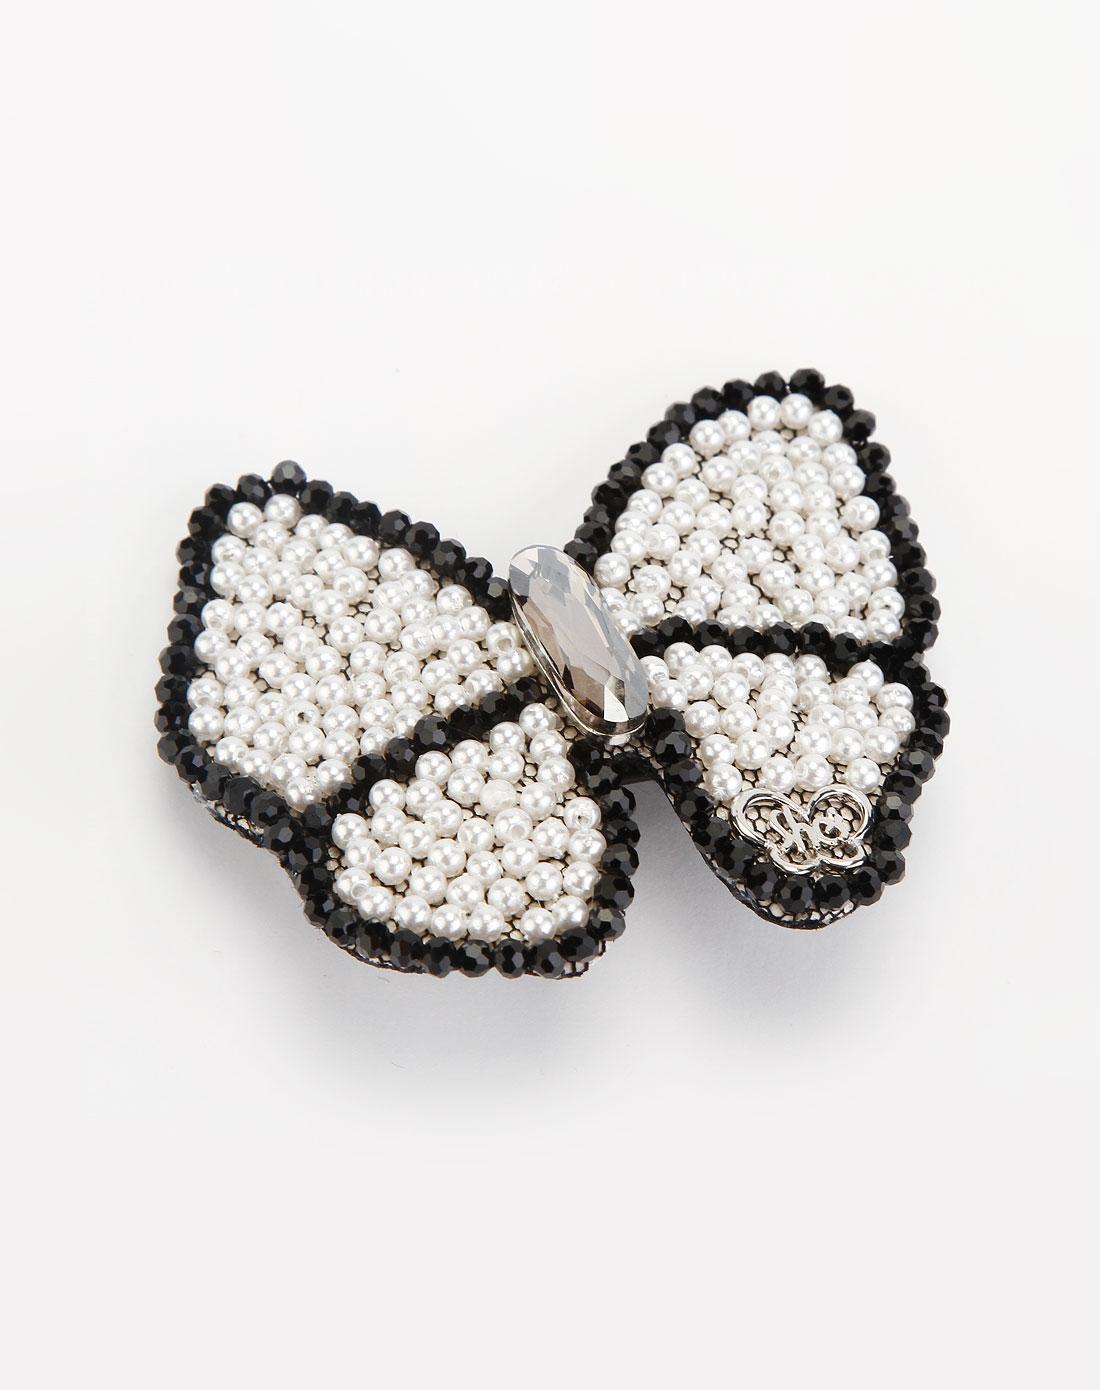 白/黑色蝴蝶串珠发夹